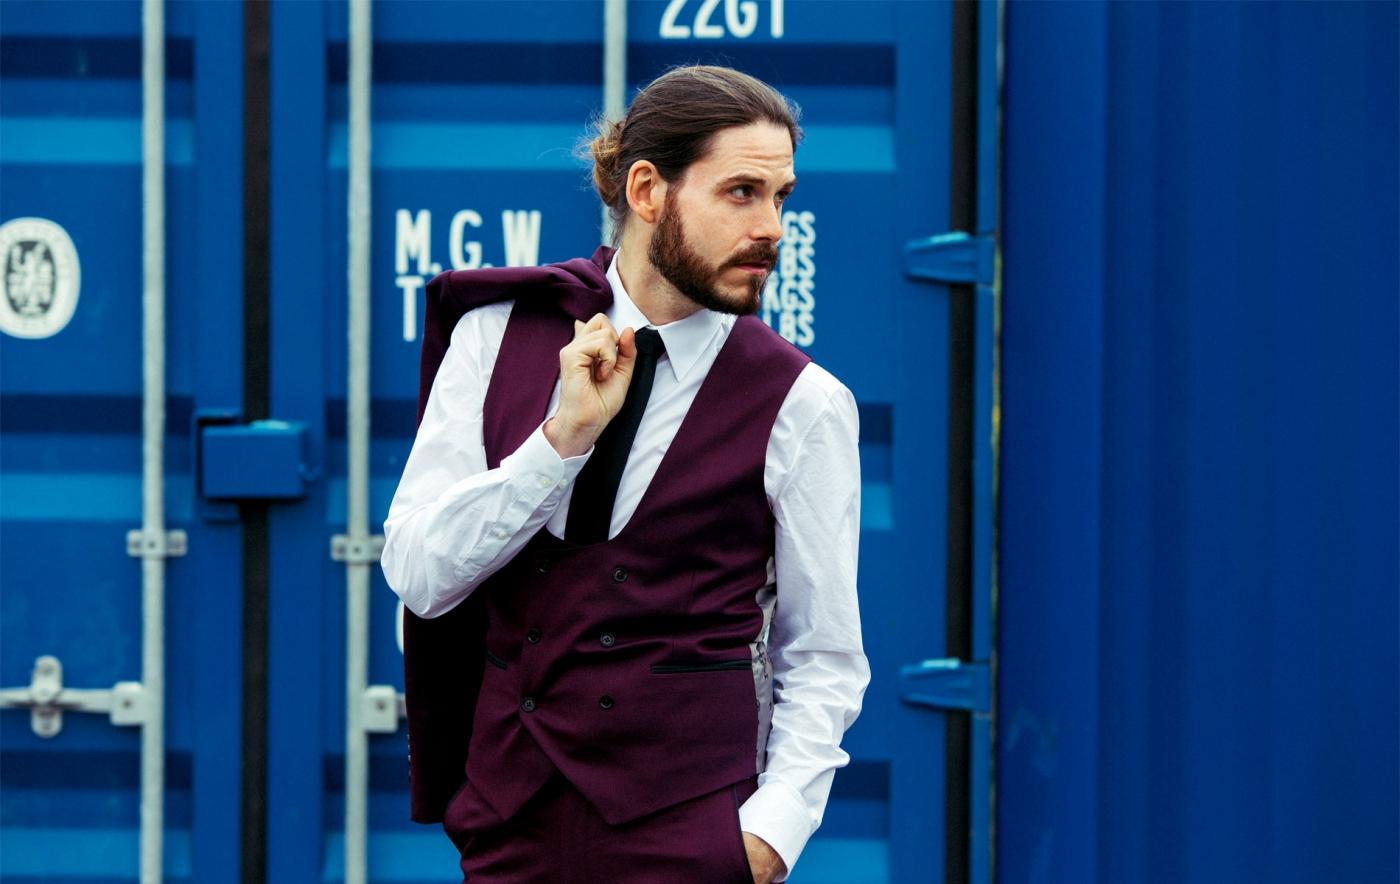 anzug-maennermode-blog-kaisers-neue-kleider-krawatte-lederschuhe-style